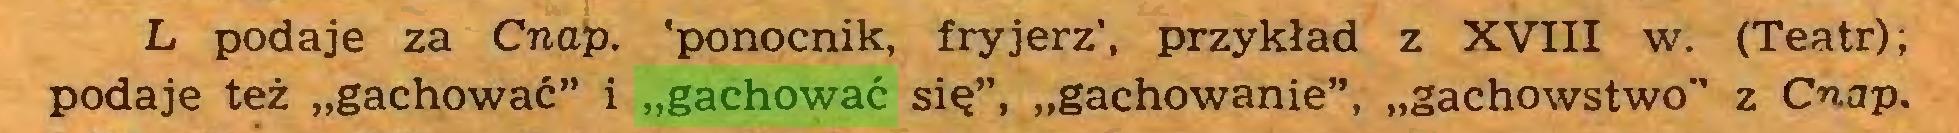 """(...) L podaje za Cnap. 'ponocnik, fryjerz', przykład z XVIII w. (Teatr); podaje też """"gachować"""" i """"gachować się"""", """"gachowanie"""", """"gachowstwo"""" z Cnap..."""